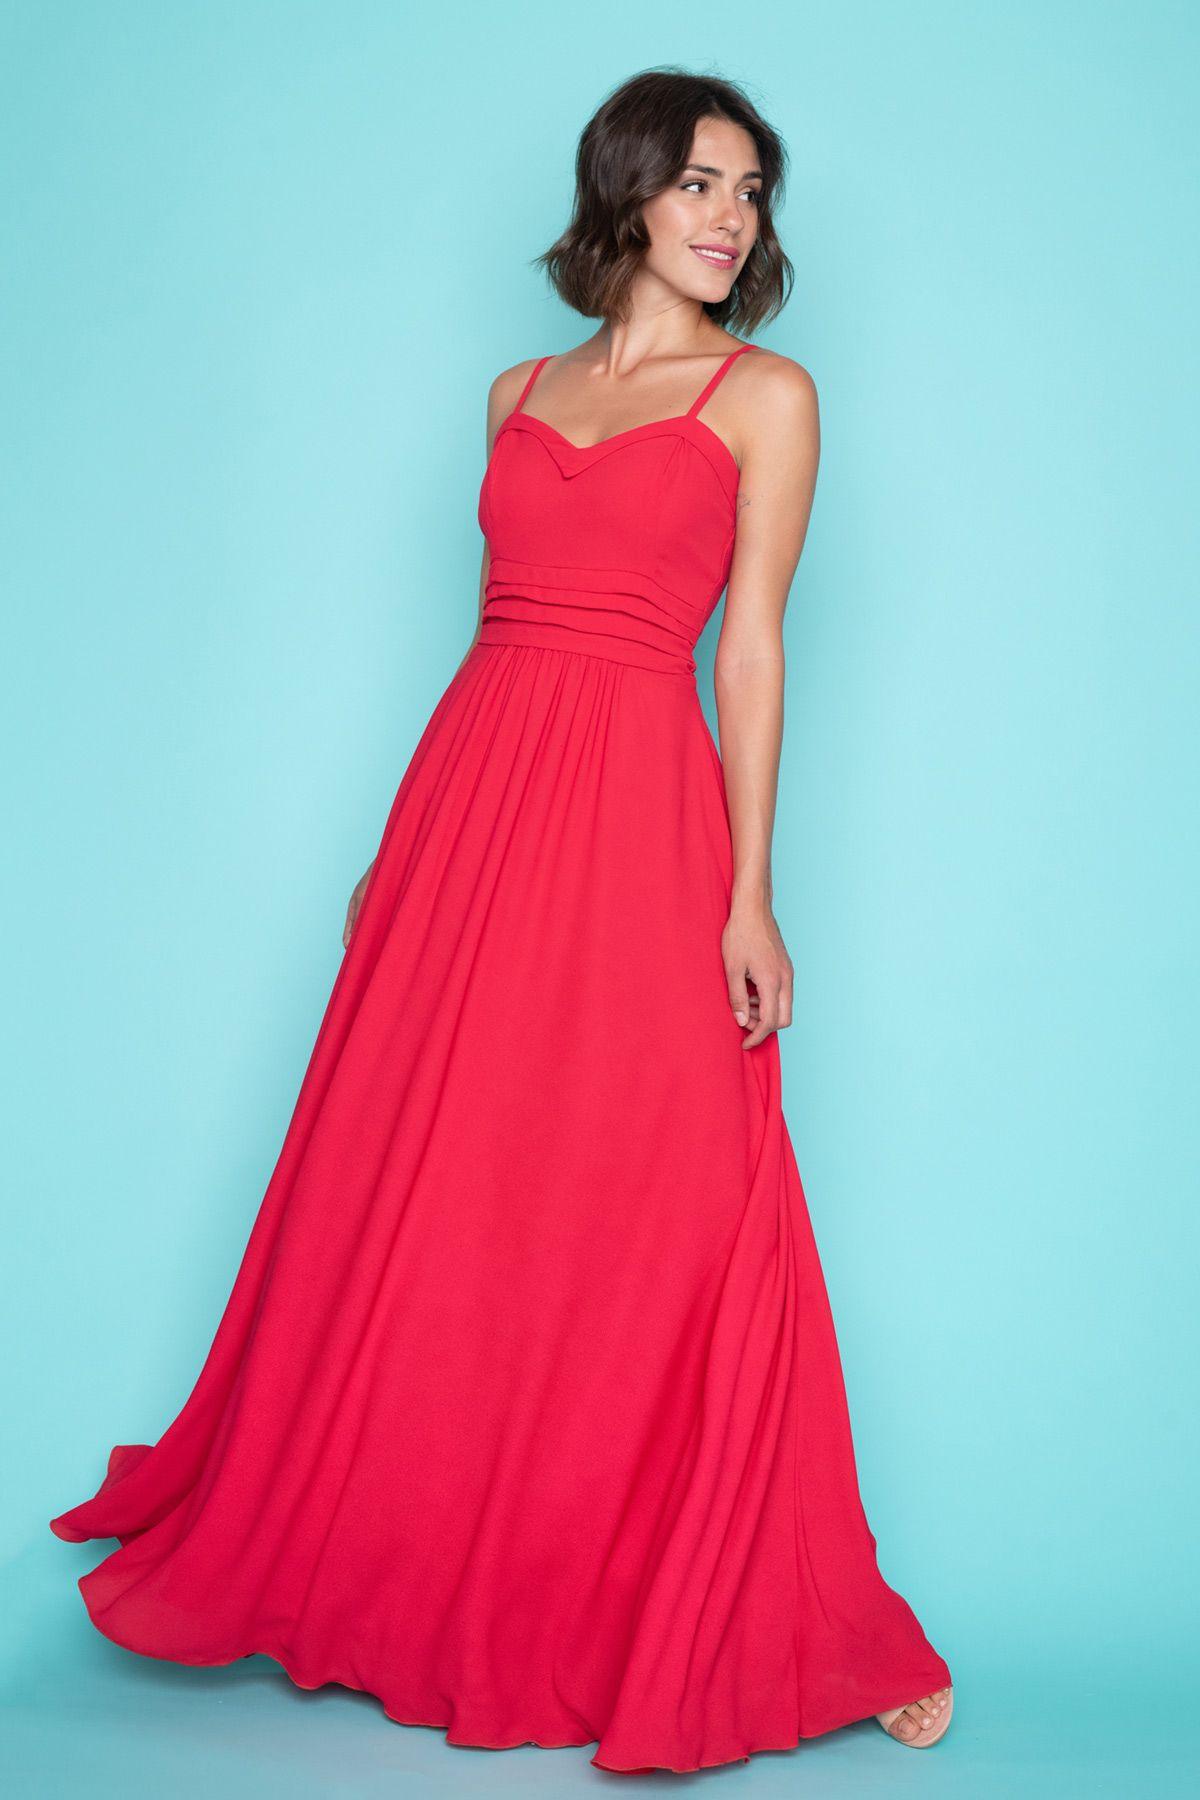 c5b525c1fec Maxi Κόκκινο Φόρεμα